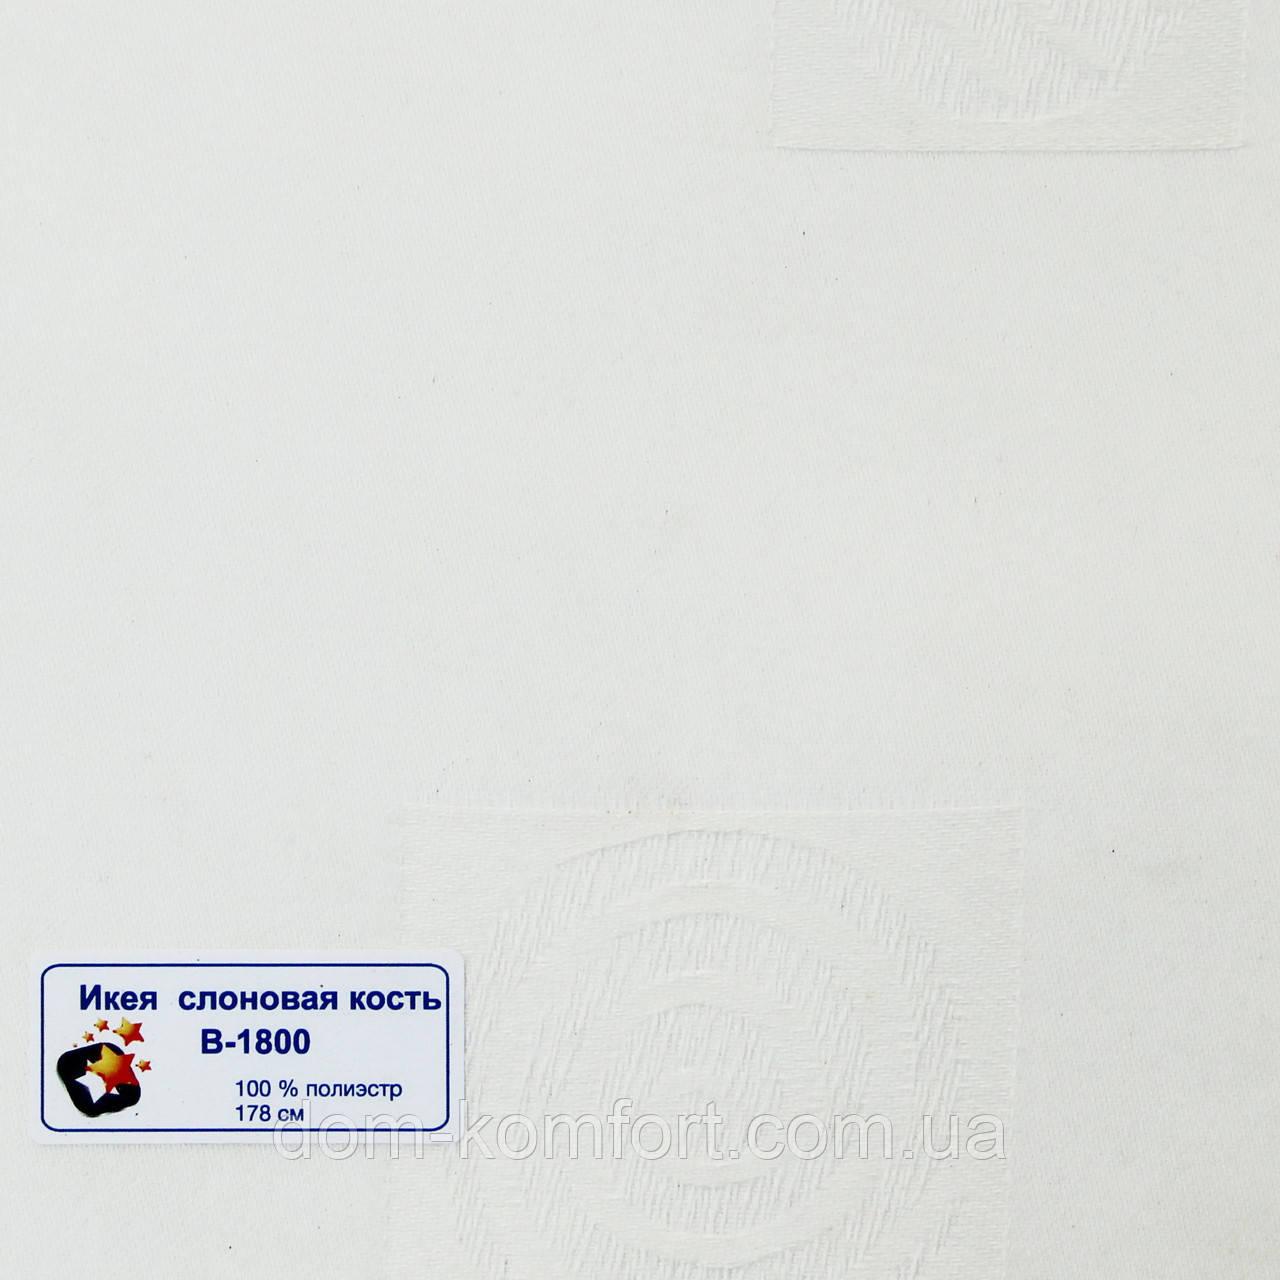 Рулонные шторы Ткань Икеа 1800 Слоновая кость